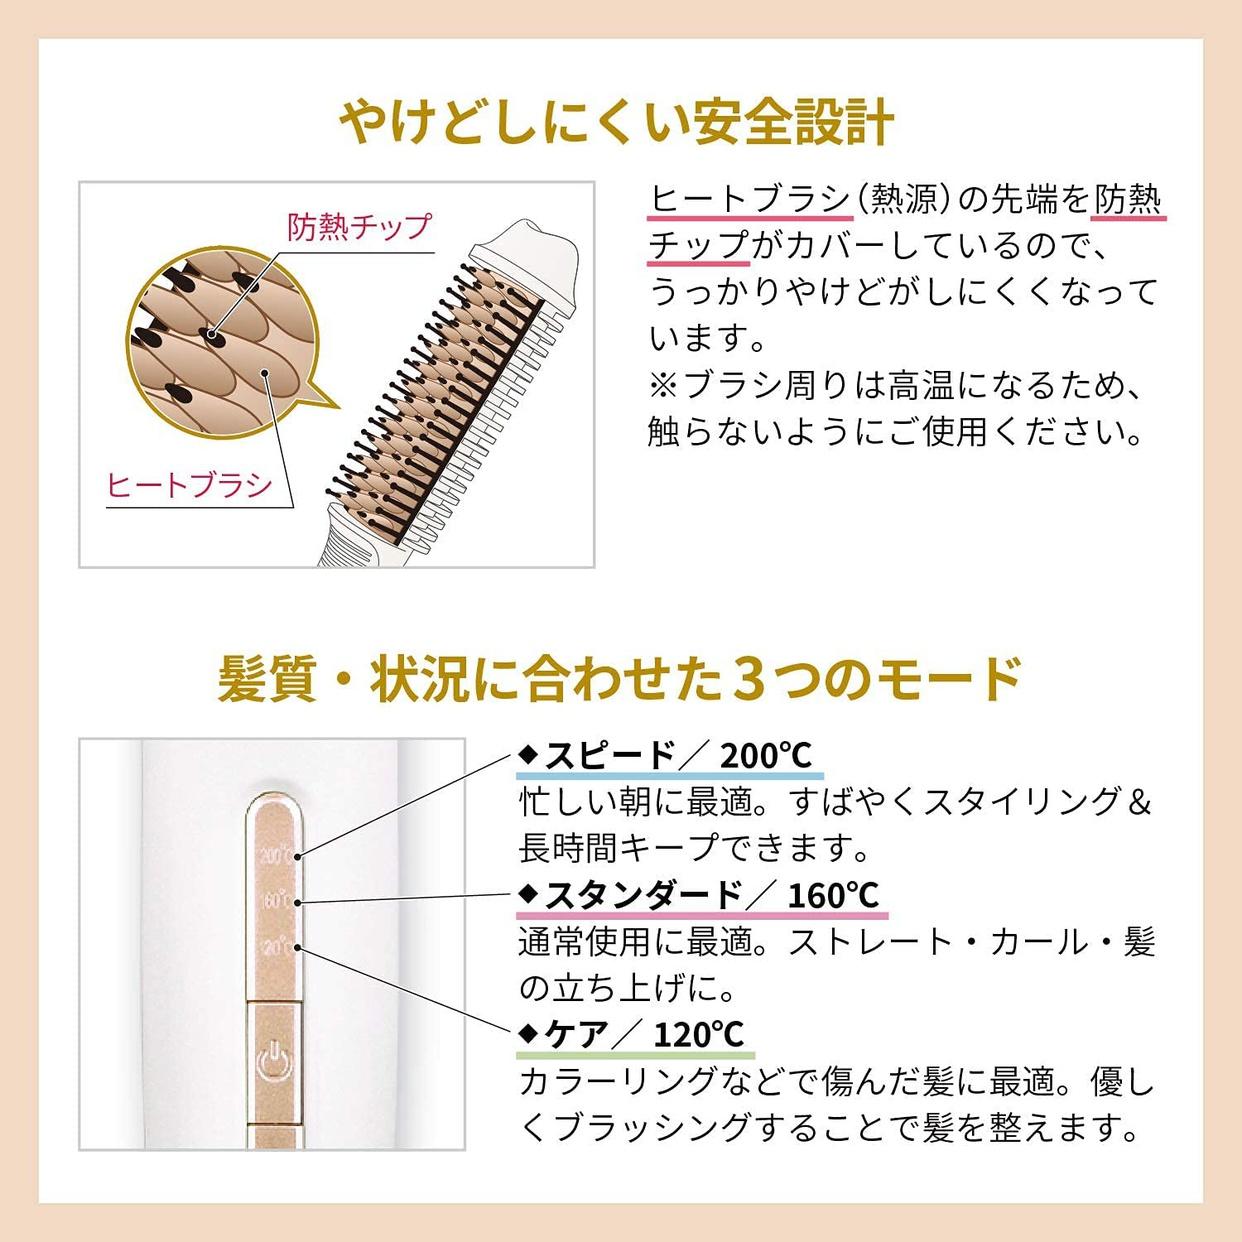 Onedam(ワンダム) コンパクトブラシアイロンの商品画像7